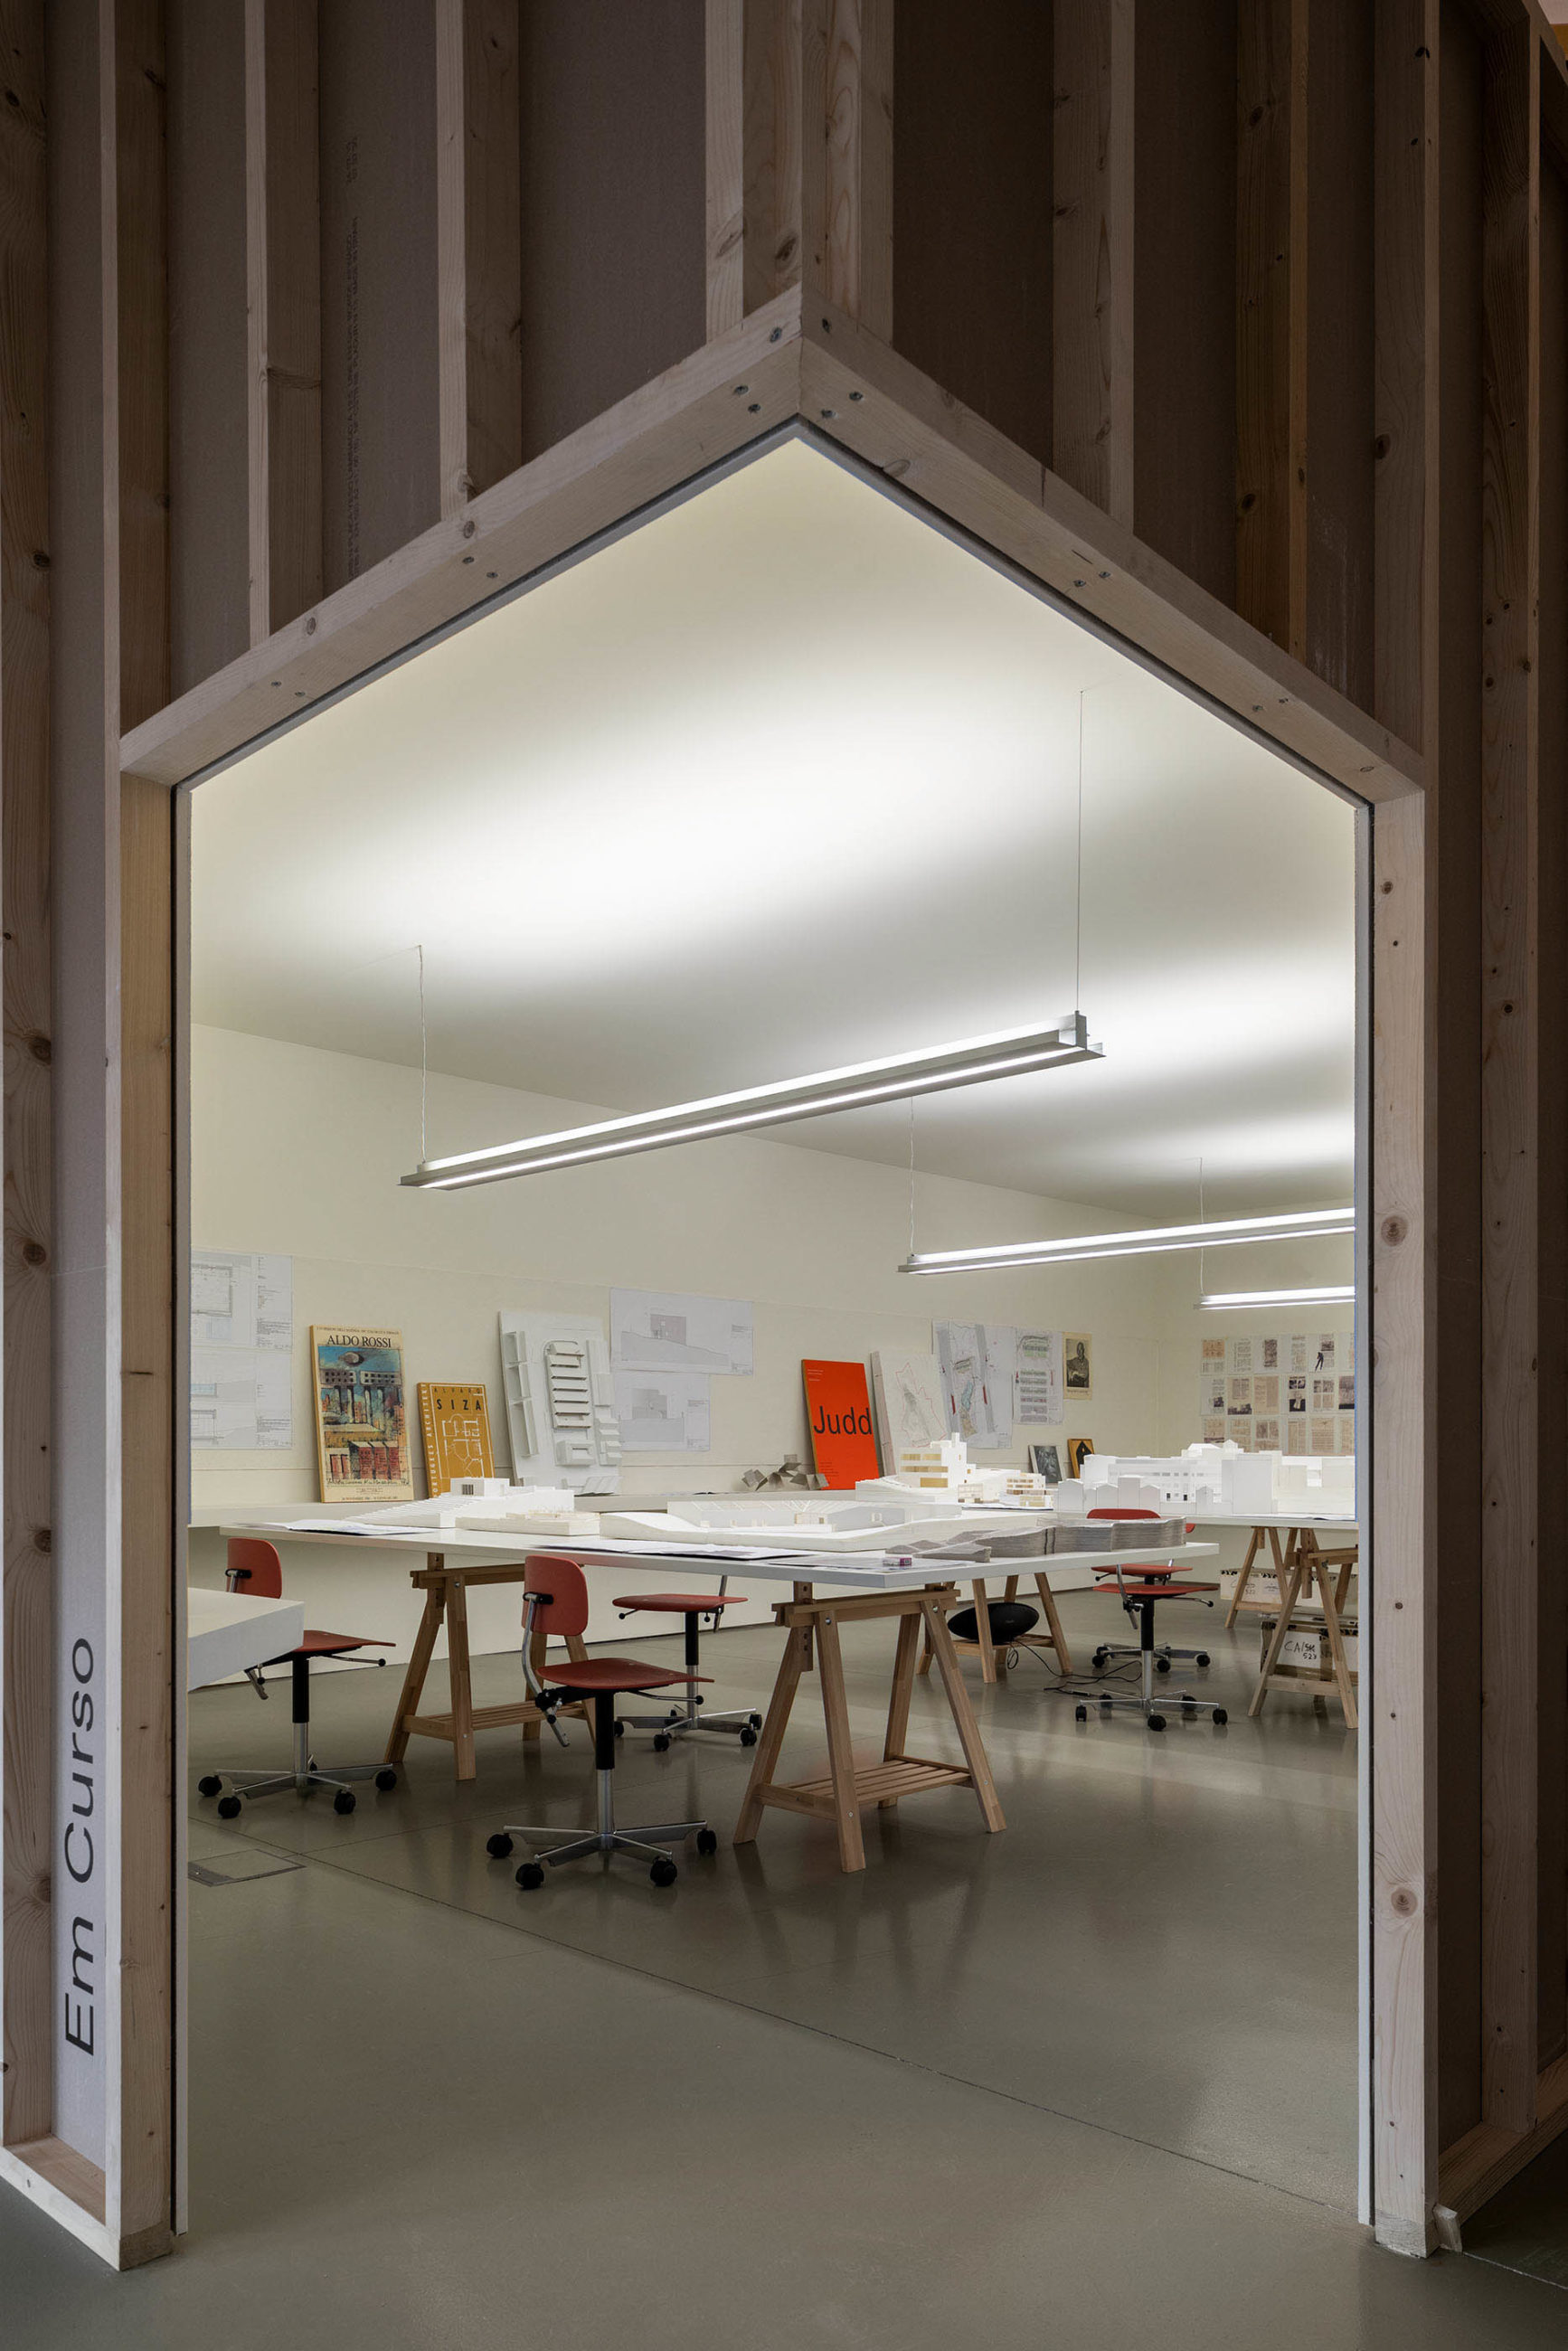 Exposição Souto De Moura Na Casa Da Arquitectura do fotografo Ivo Tavares Studio